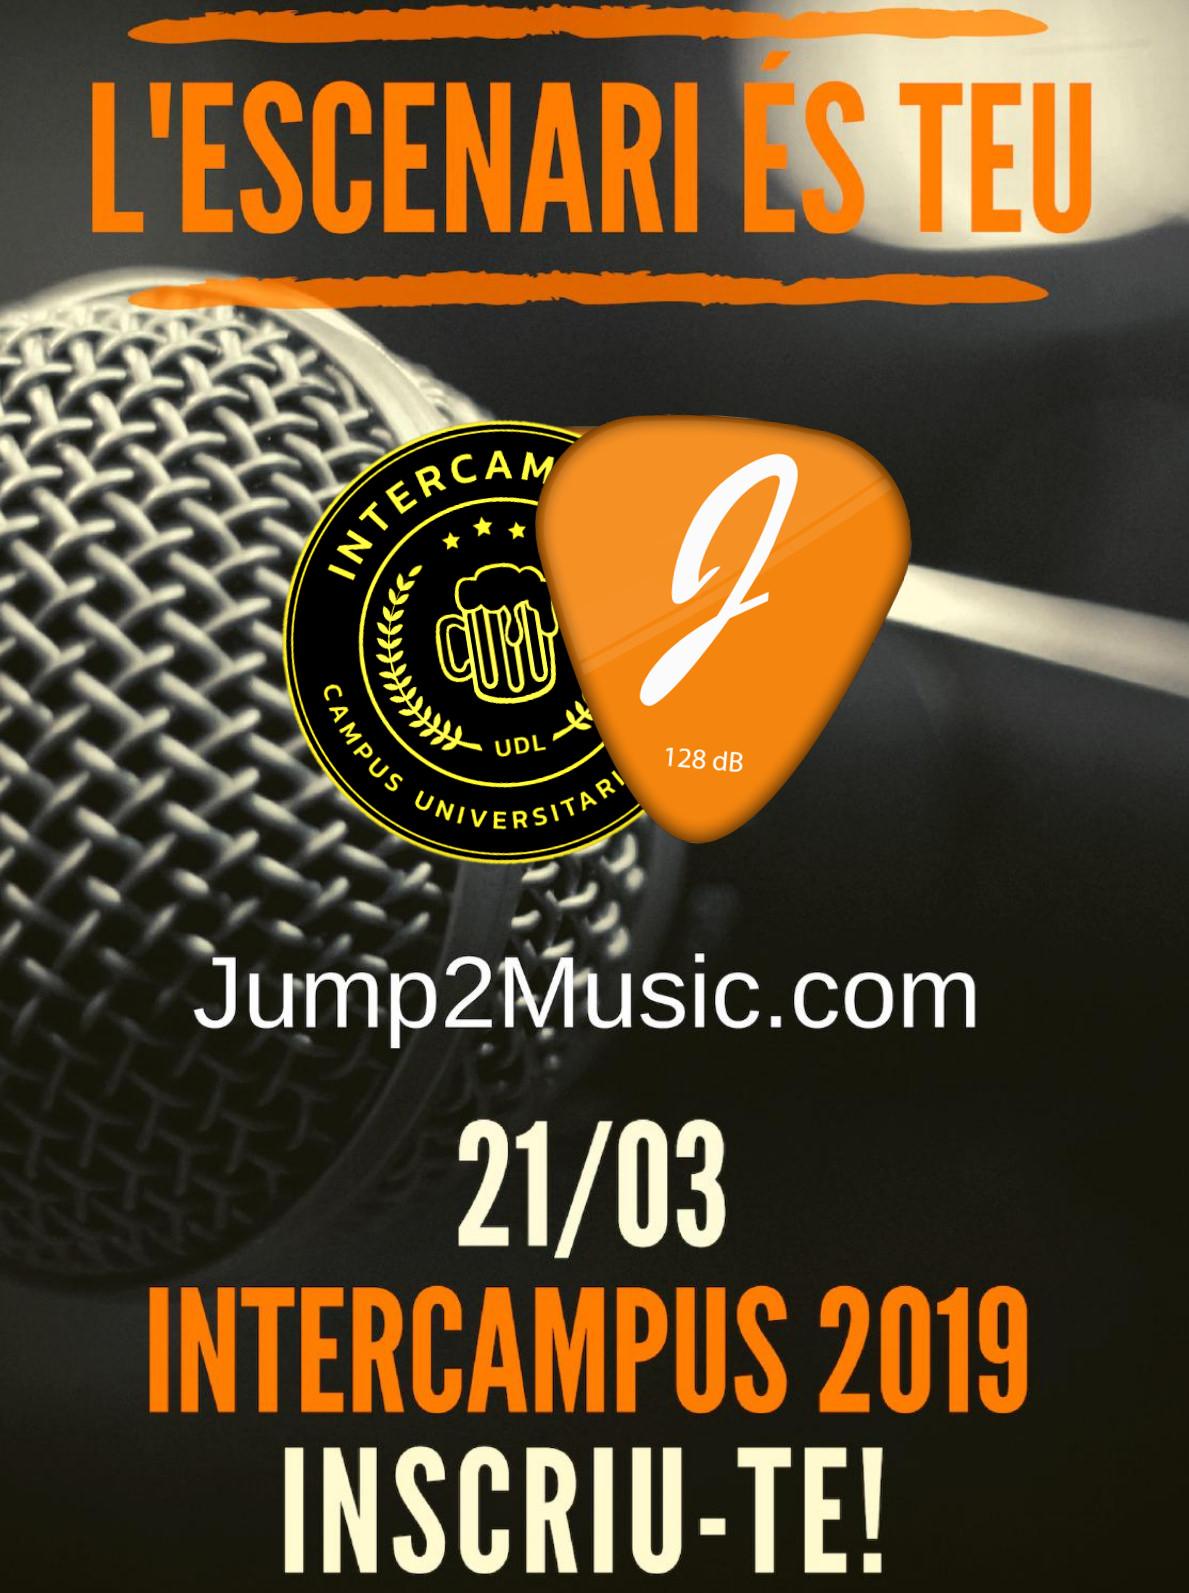 intercampus2019